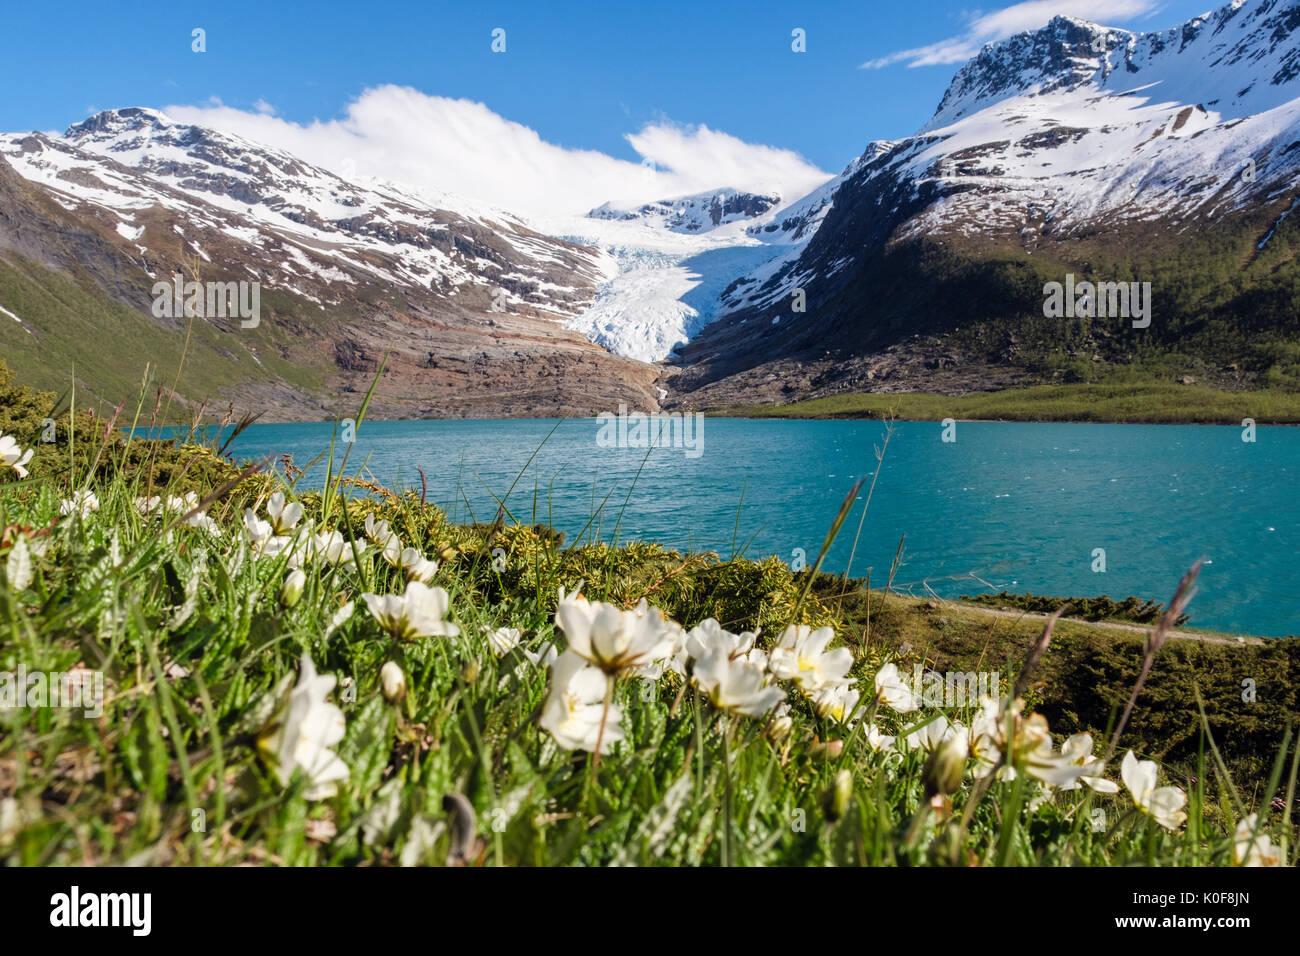 Engabreen Gletscher Svartisen Arm der Eiskappe über Svartisvatnet See mit Berg Avens Dryas octopetala Blumen im Sommer gesehen. Norwegen Stockbild